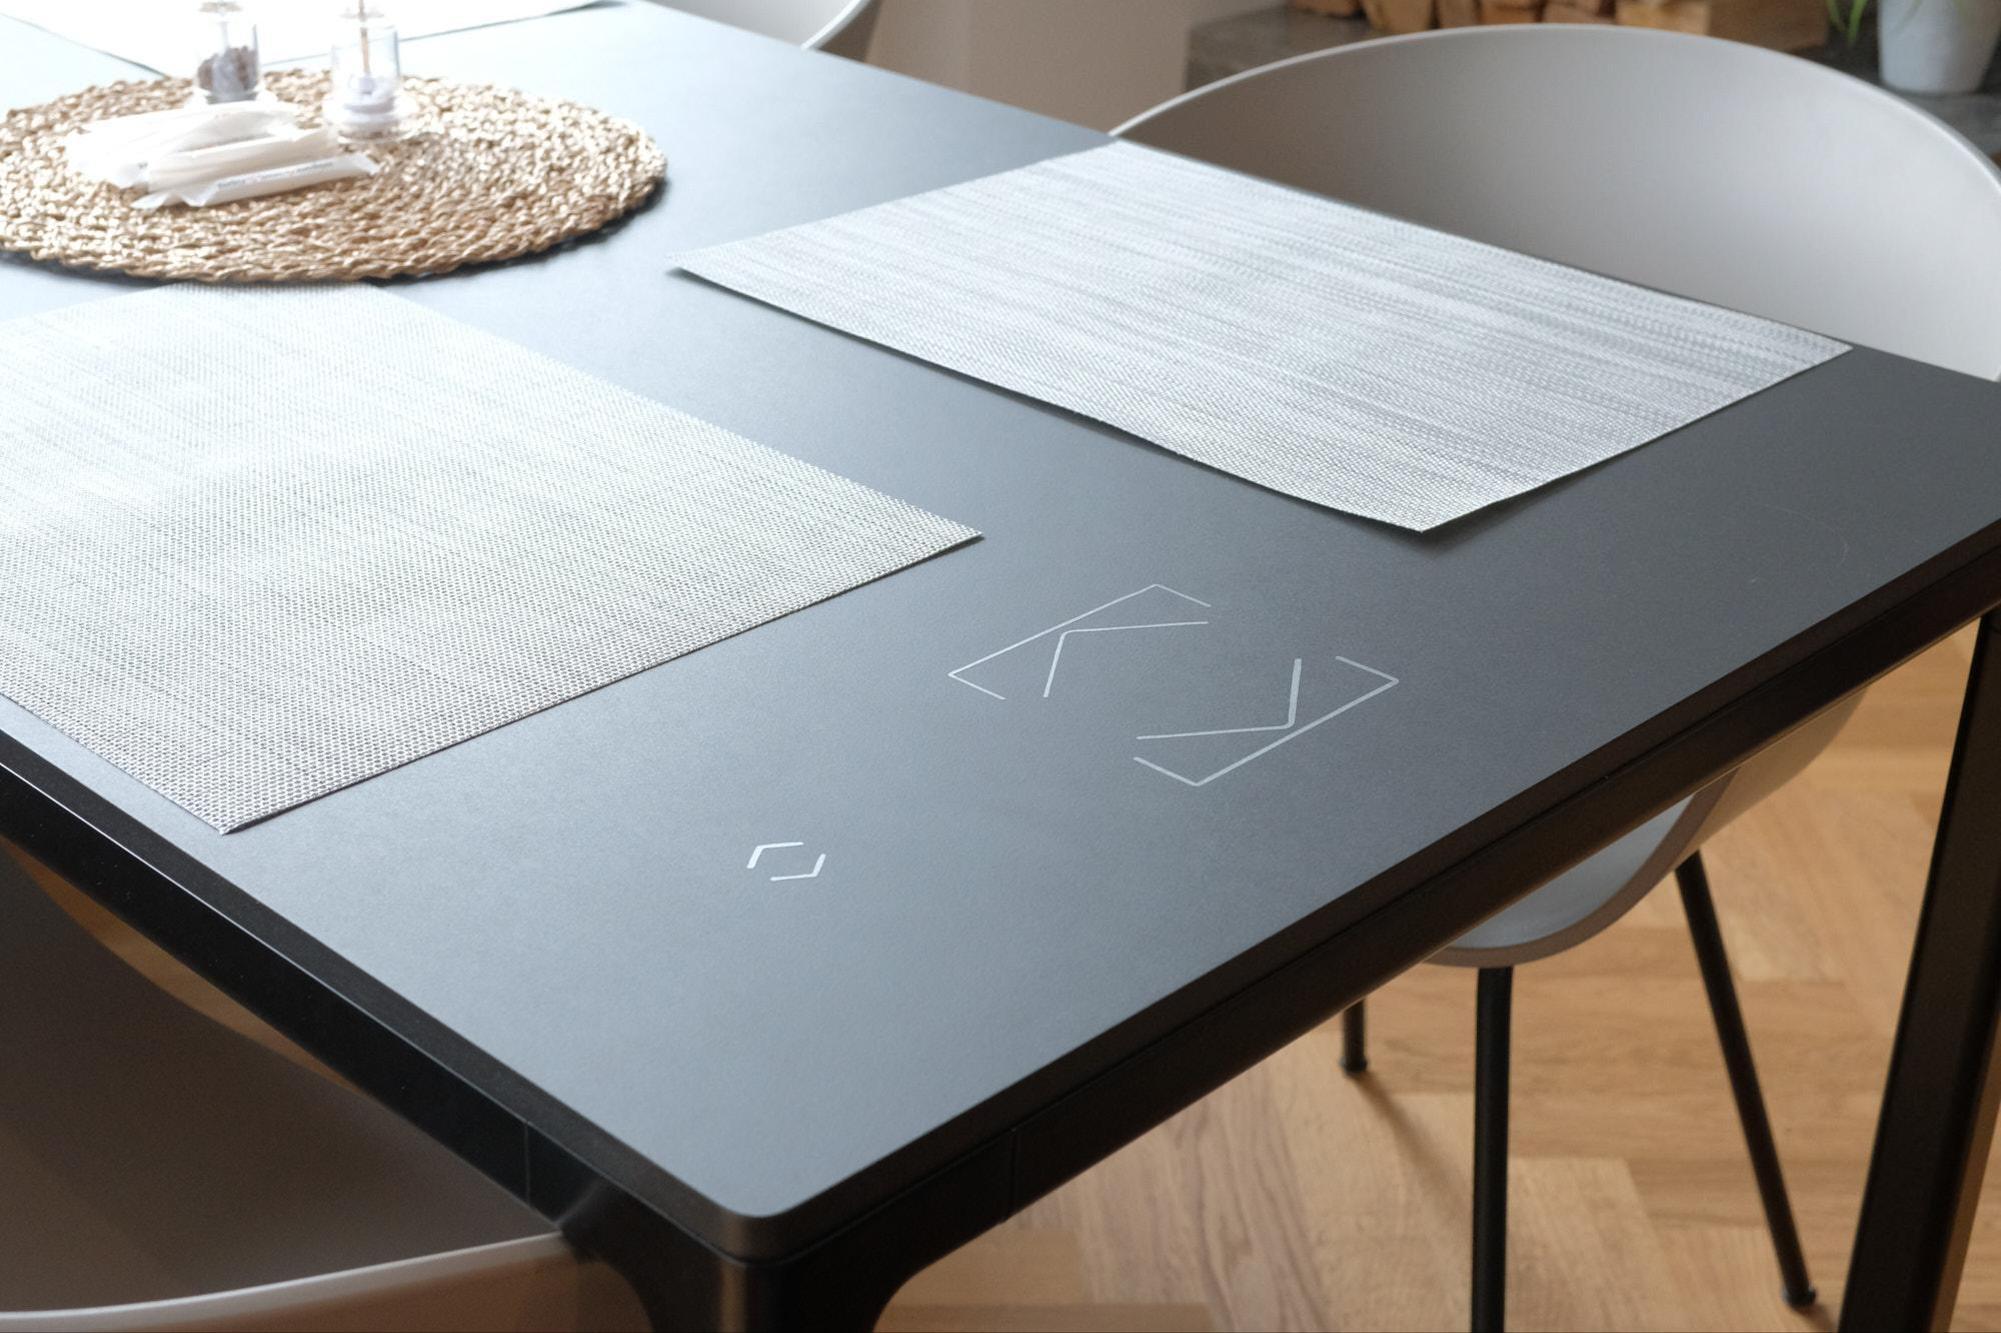 Petit gadget : il y a un capteur sous le plateau de la table, la Smart Home peut aussi être contrôlée depuis cet endroit comme par magie. Seul le marquage du capteur est fixé au plateau. Jan Graber